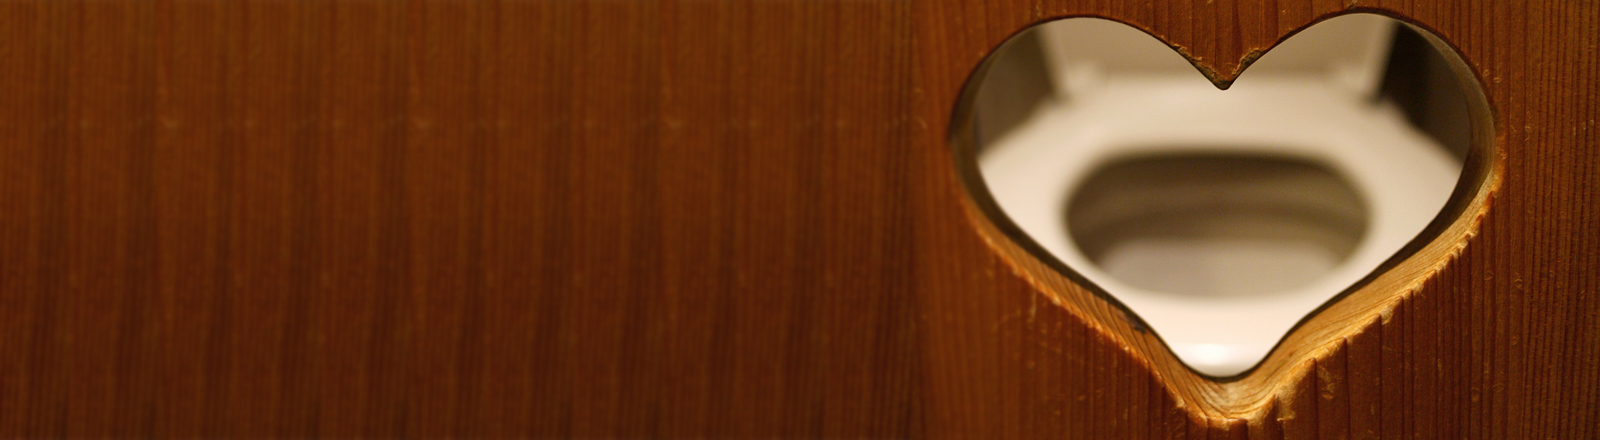 Klotür mit Herzchen und Blick auf die Toilette